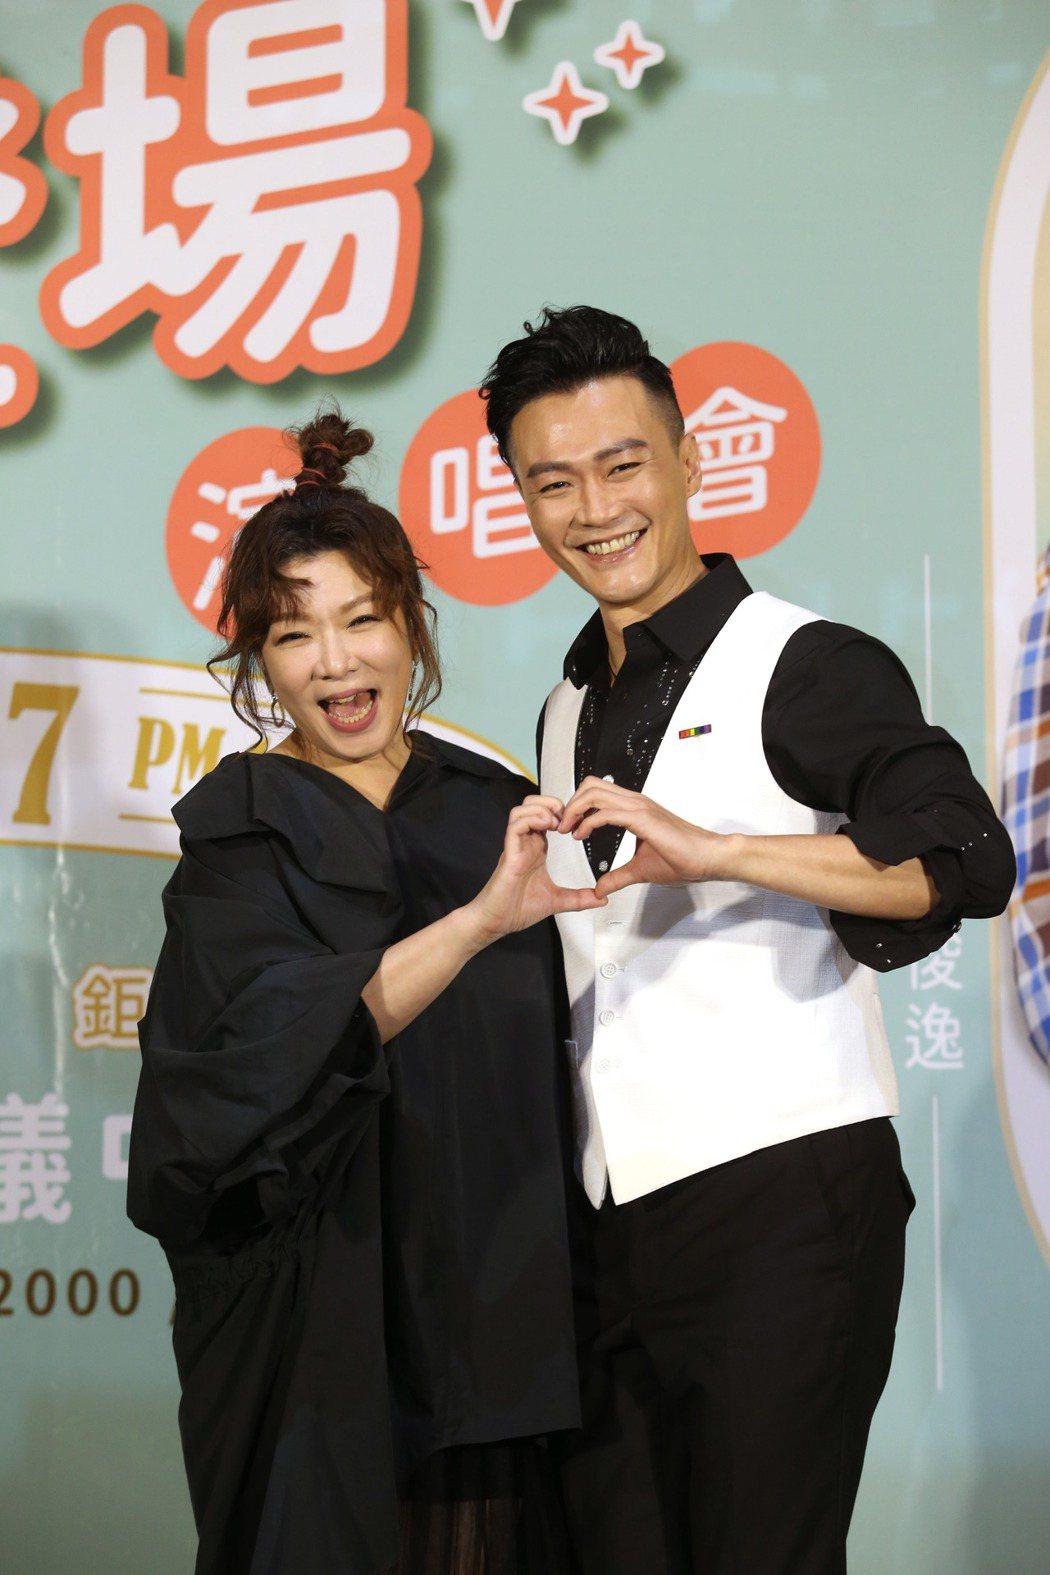 趙詠華(左起)、林俊逸「華逸登場」演唱會舉行售票記者會,兩人合唱一首最浪漫的事,